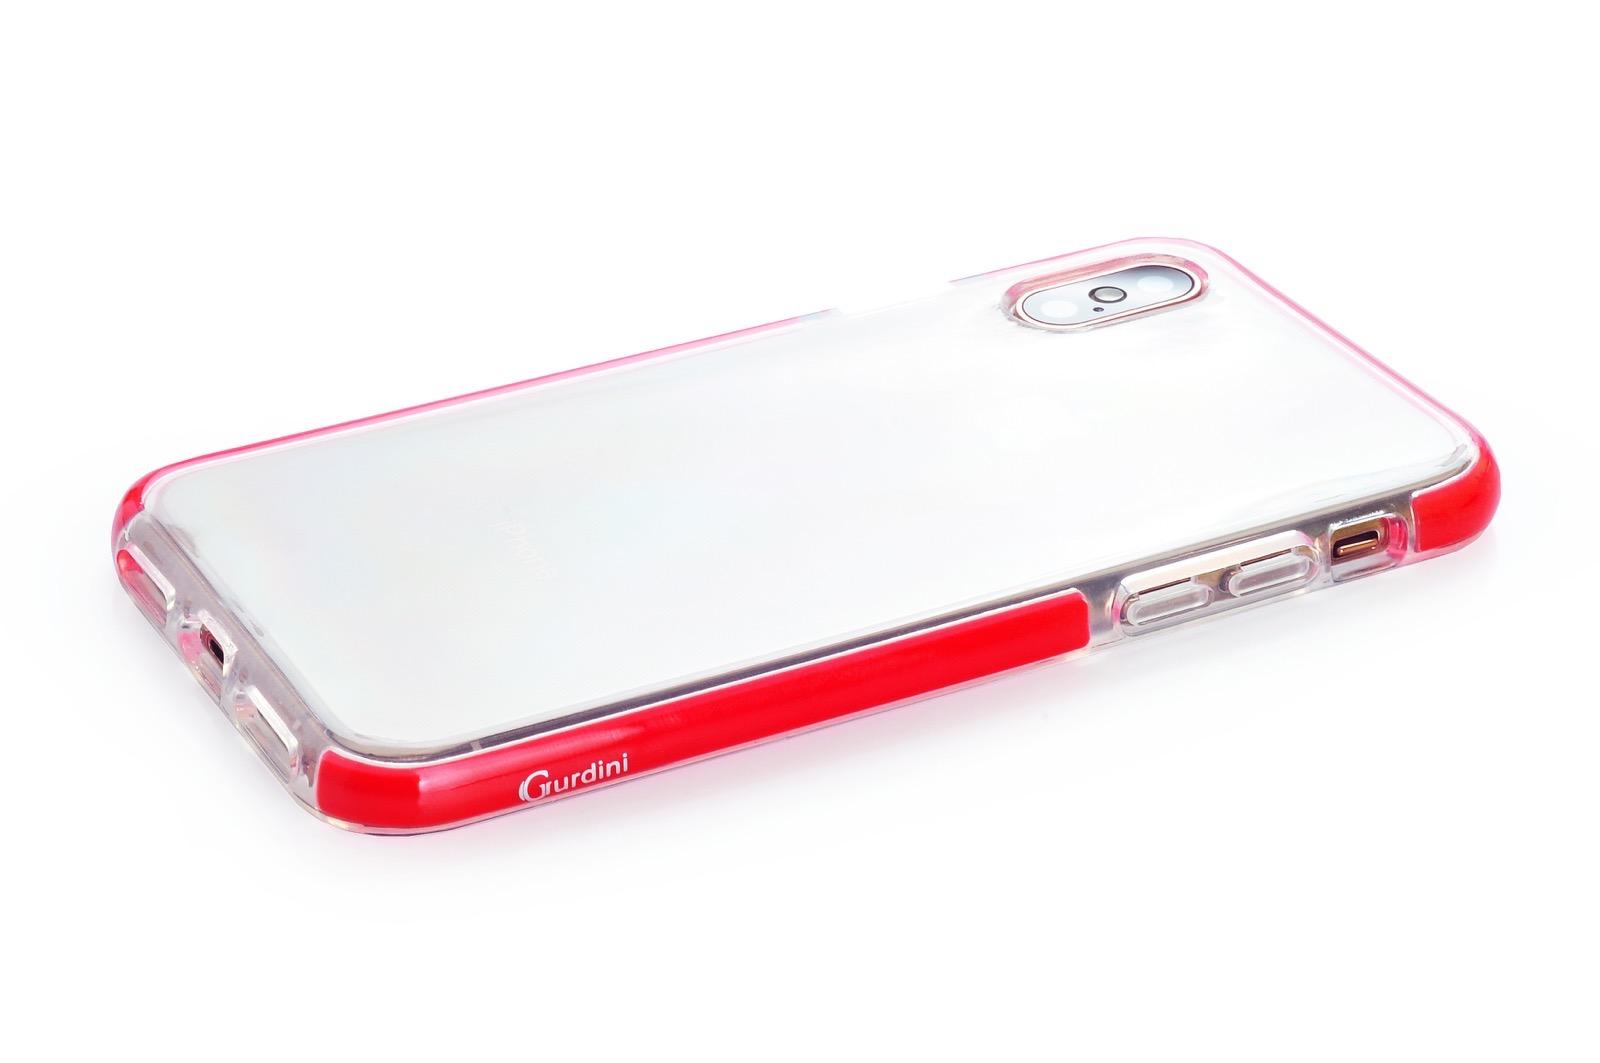 """Чехол для сотового телефона Gurdini Crystal Ice 908073 силикон противоударный для Apple iPhone XS Max 6.5"""", красный"""